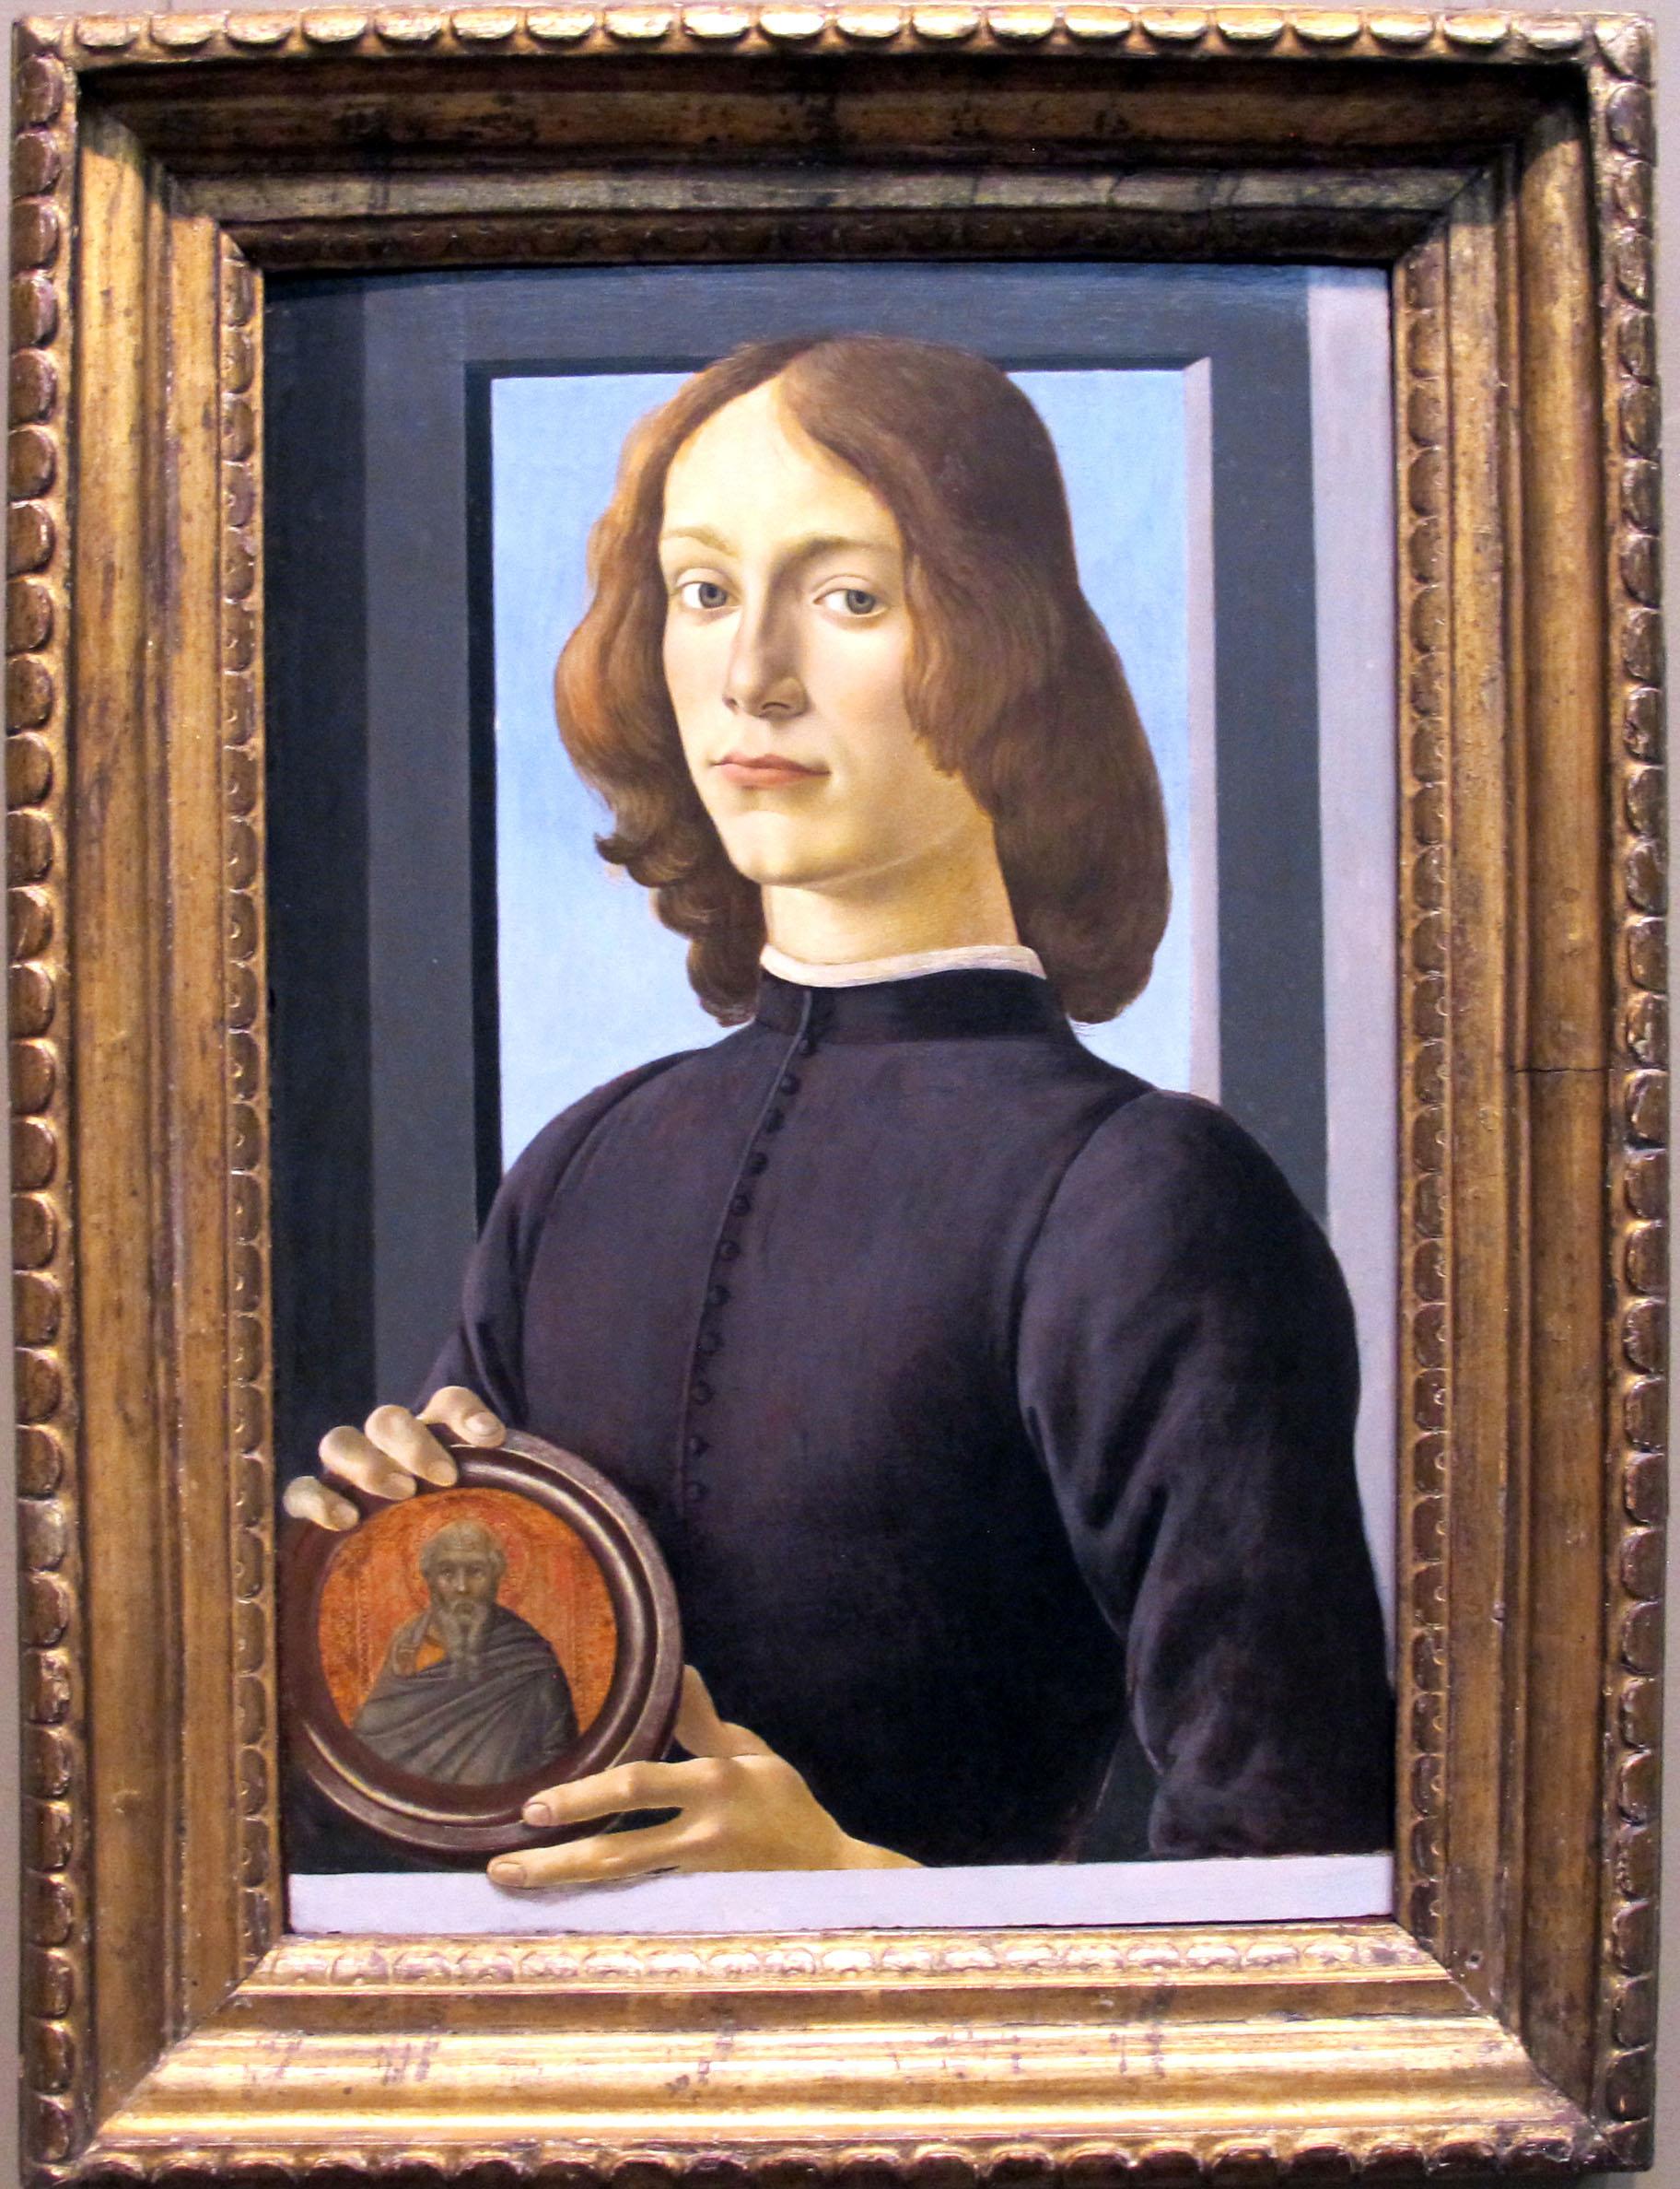 Sandro_botticelli_ritratto_di_giovane_con_medaglione